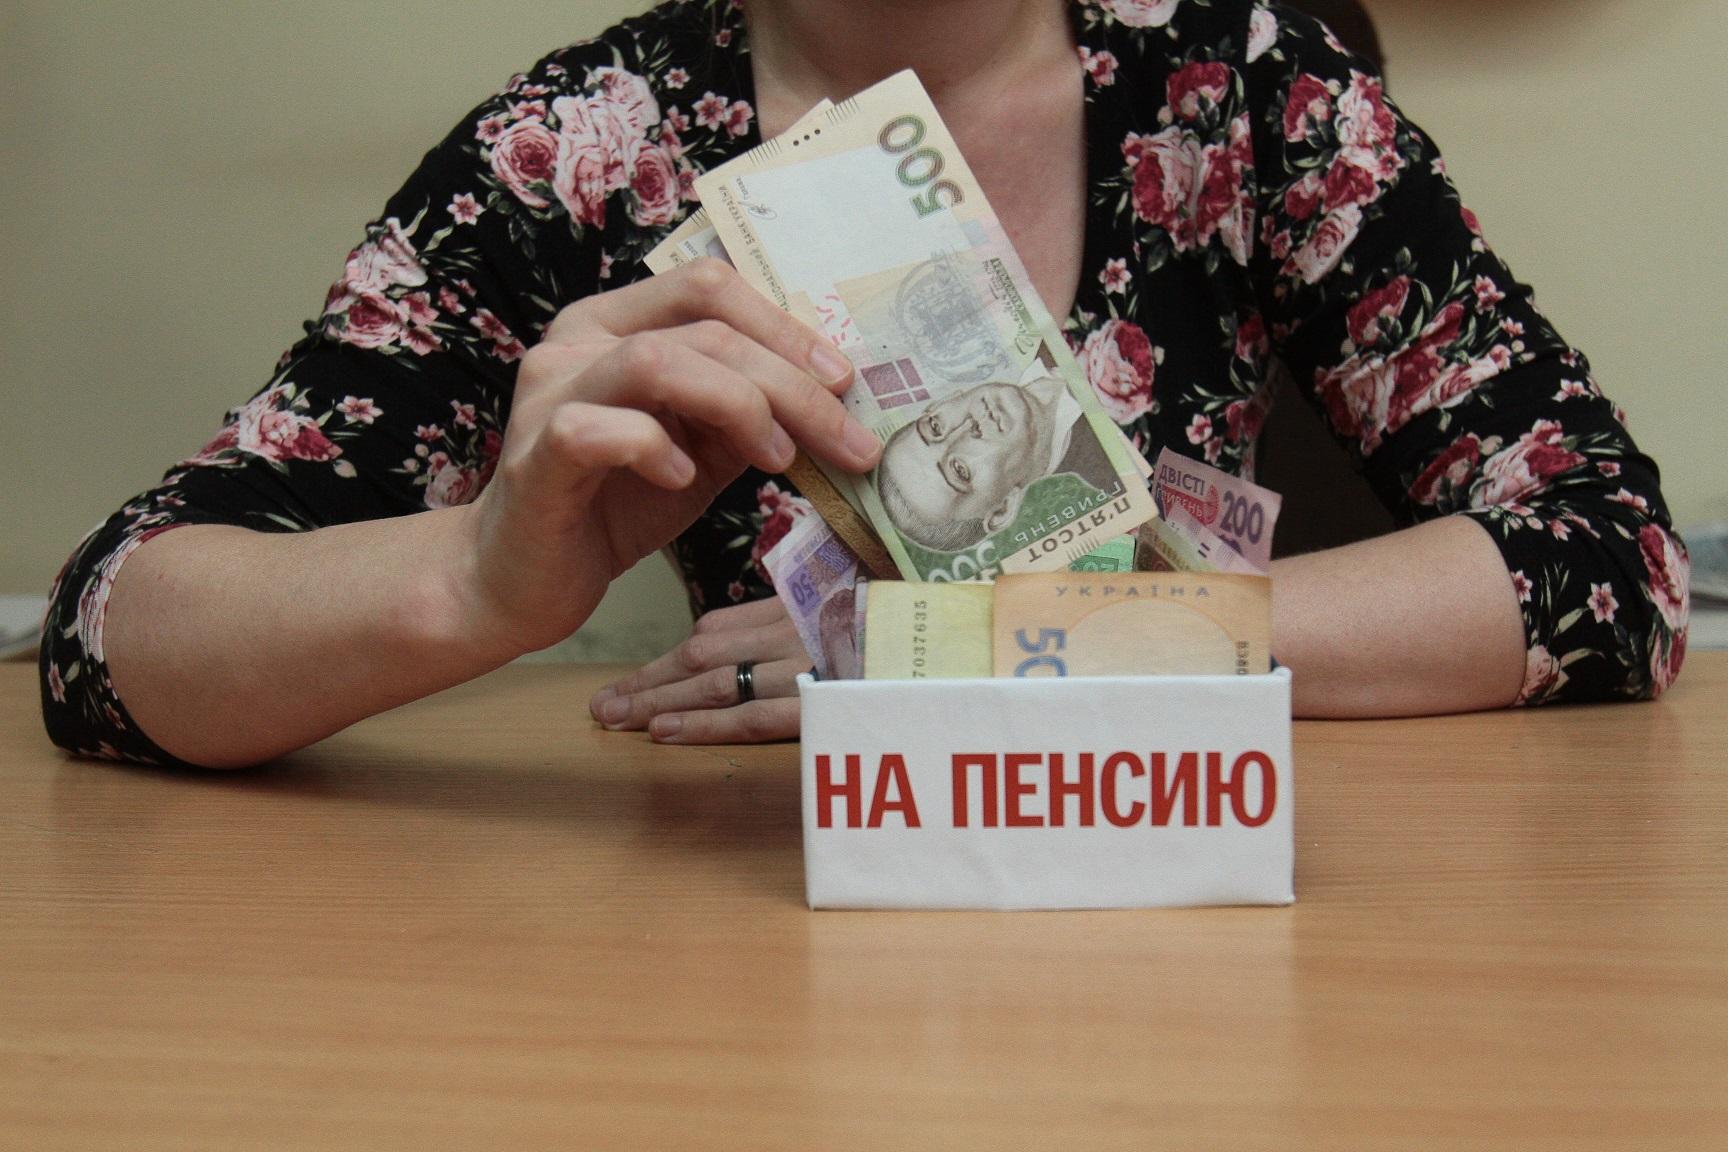 Пользователям соцсетей пришлась не по душе идея об отмене накопительной пенсии